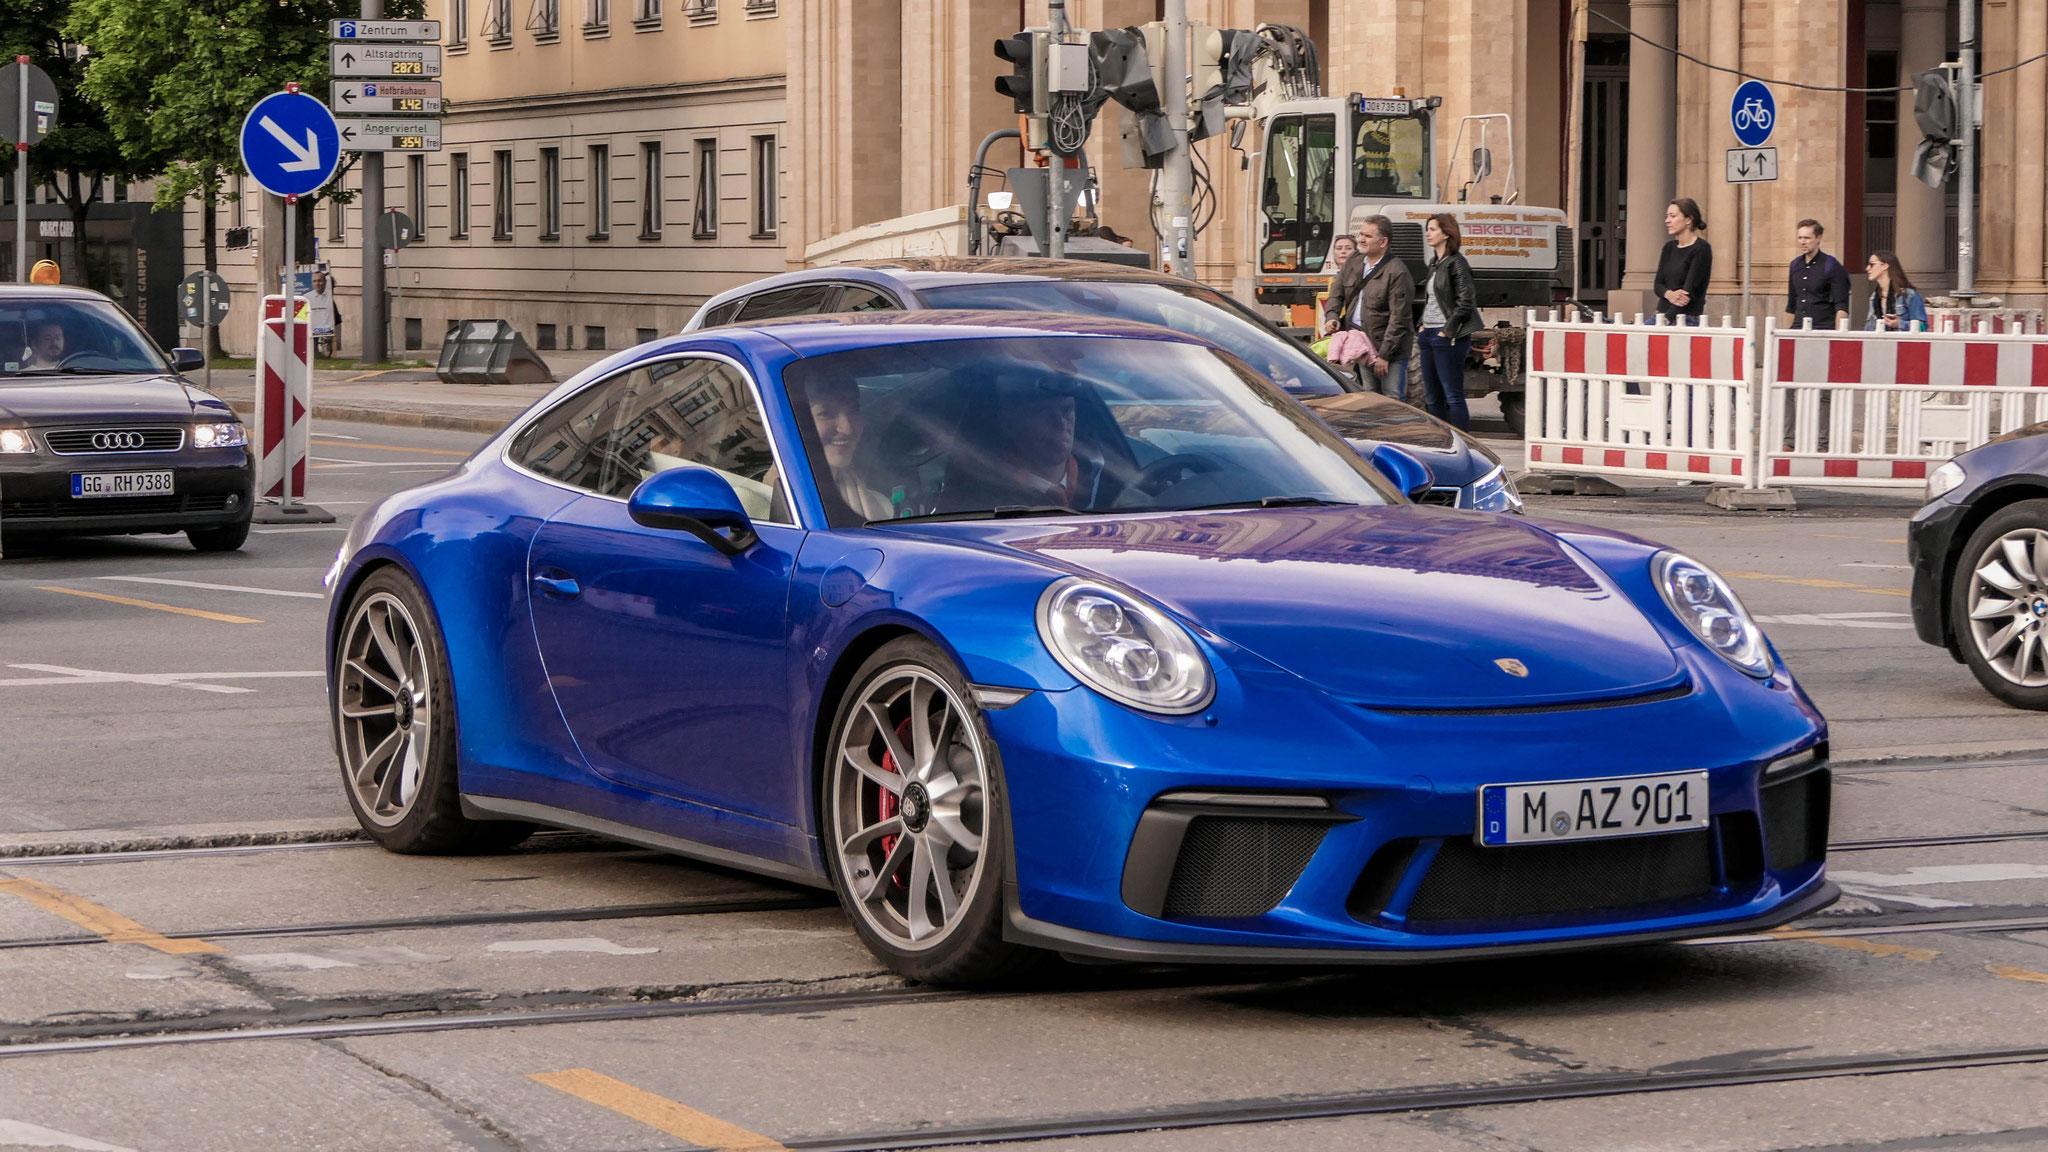 Porsche 991 GT3 Touring Package - M-AZ-901